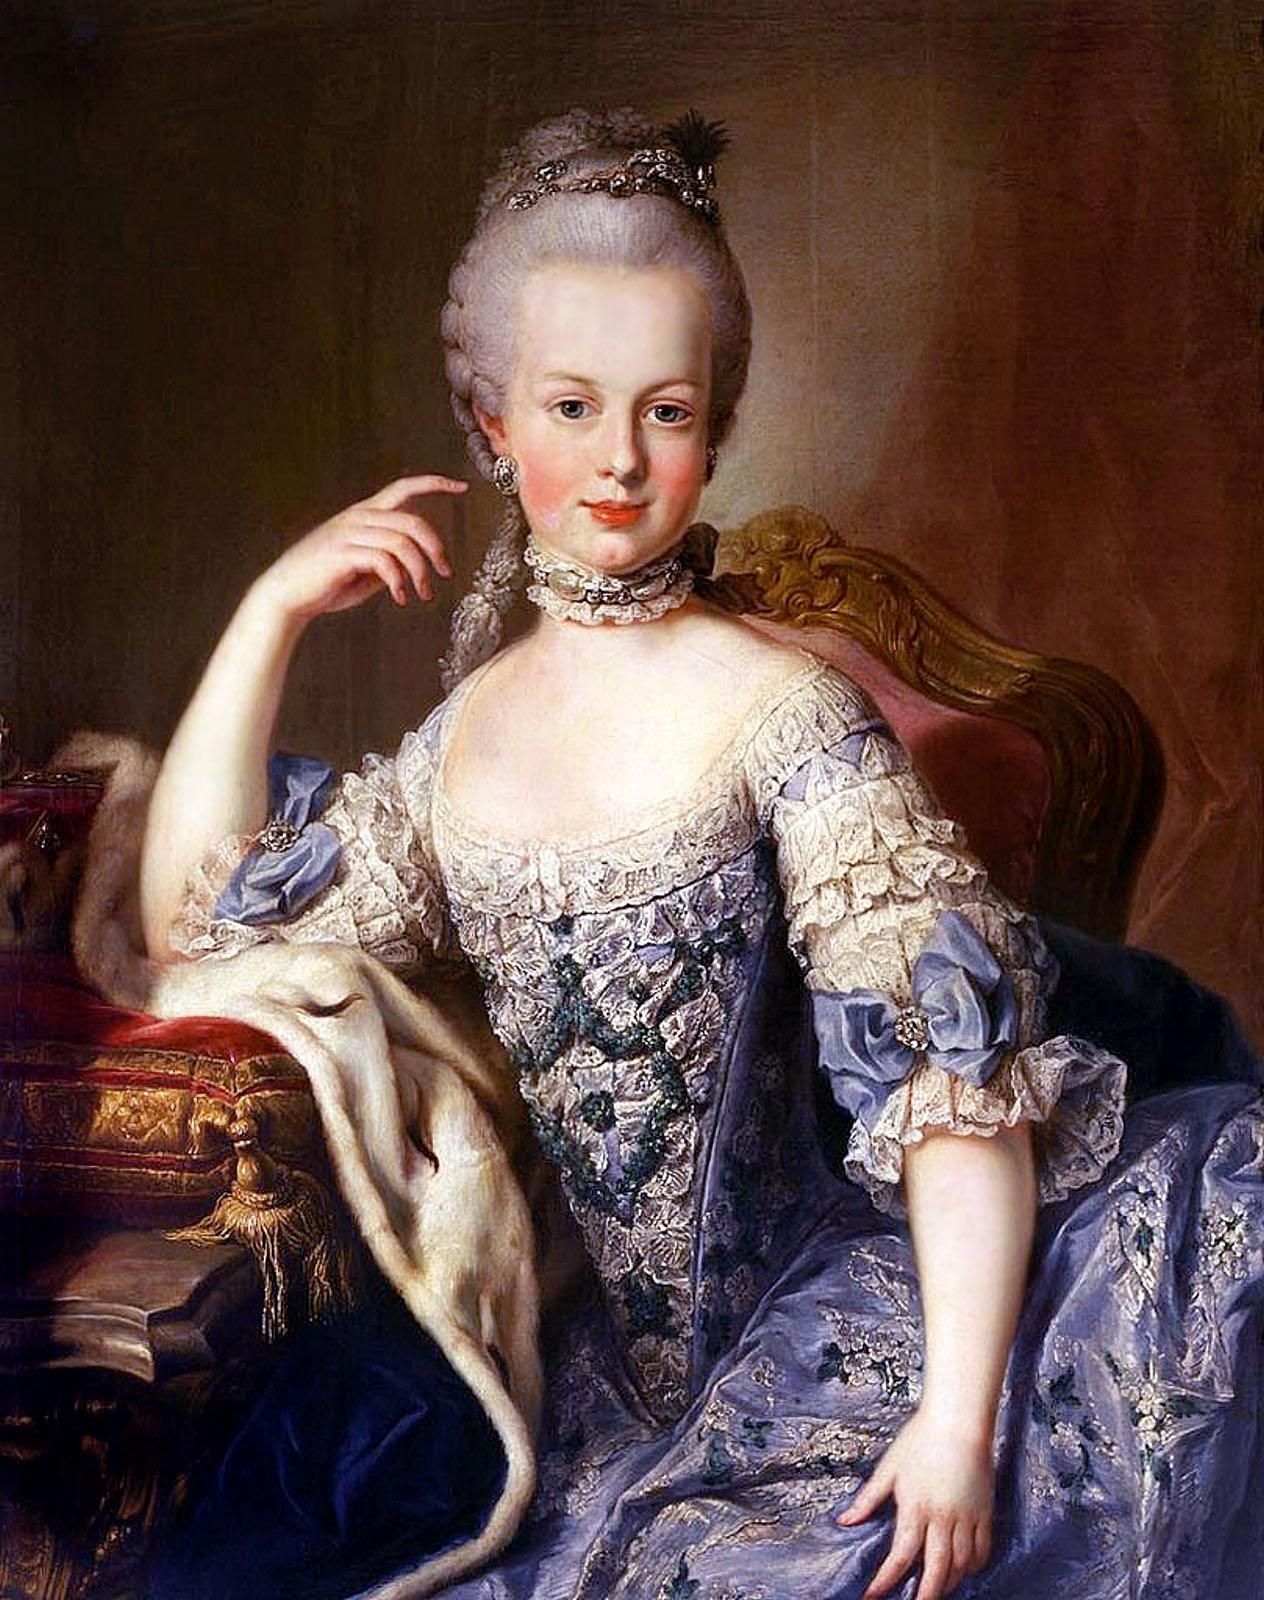 Atribuído a Martin van Meytens. María Antonieta. Hacia 1767-1768. Schömbrunn Palace. Viena.